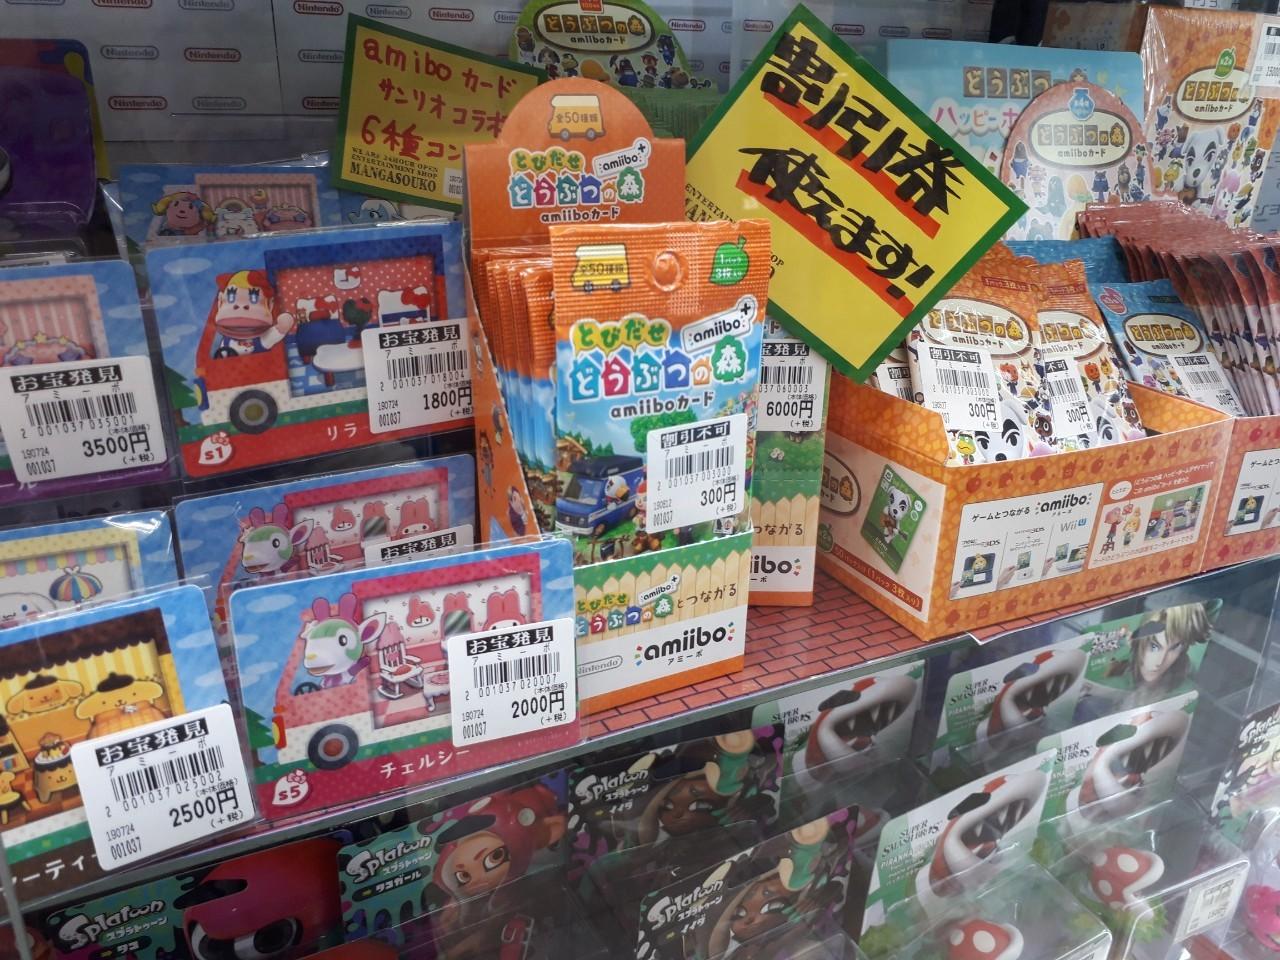 カード どうぶつの森 販売店 amiibo